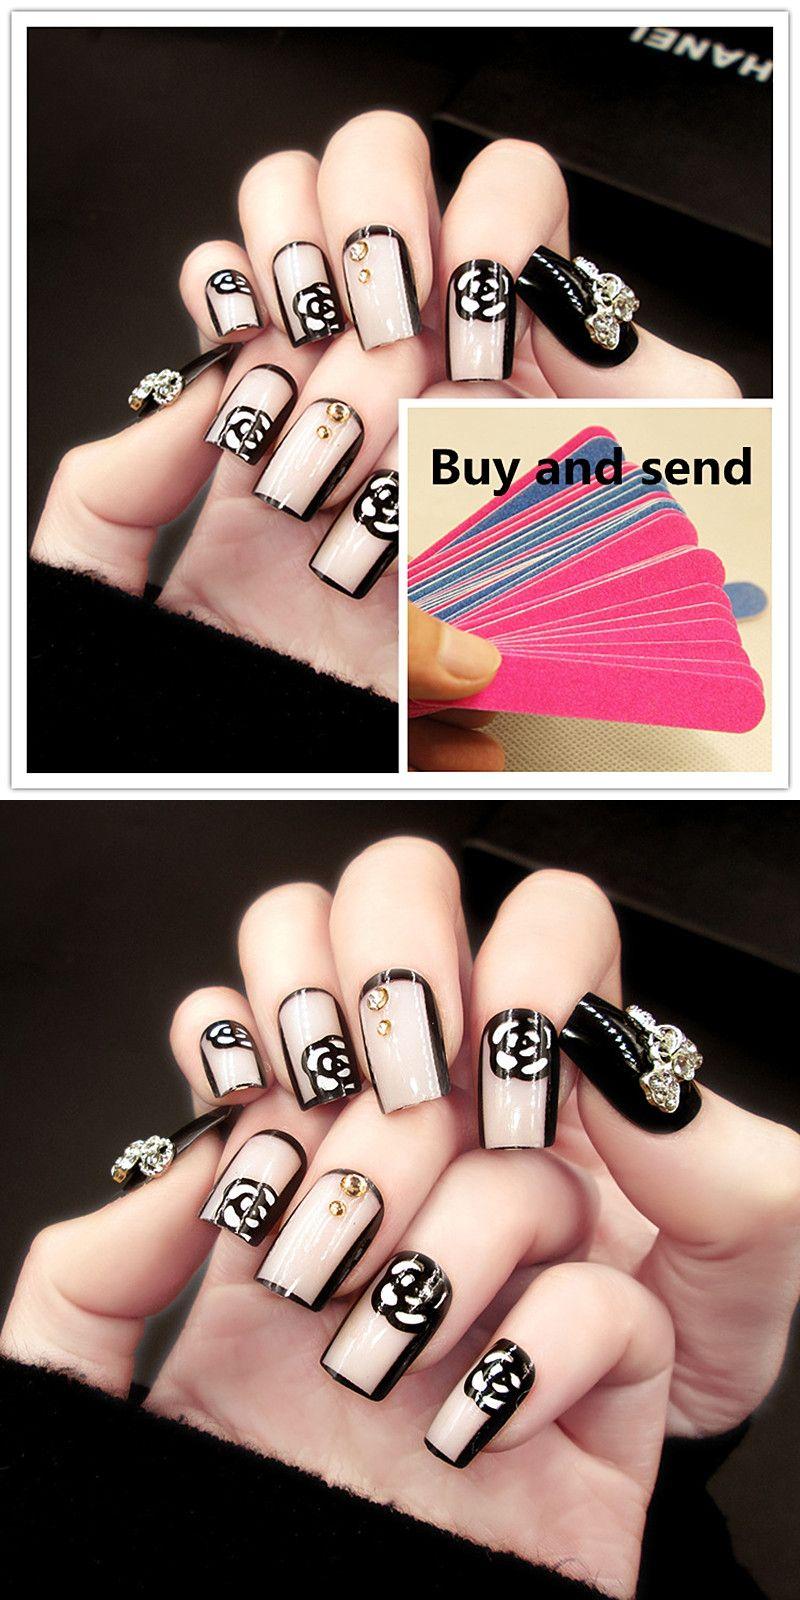 new nail art professional nail art make up fake nail Salon Tool ...